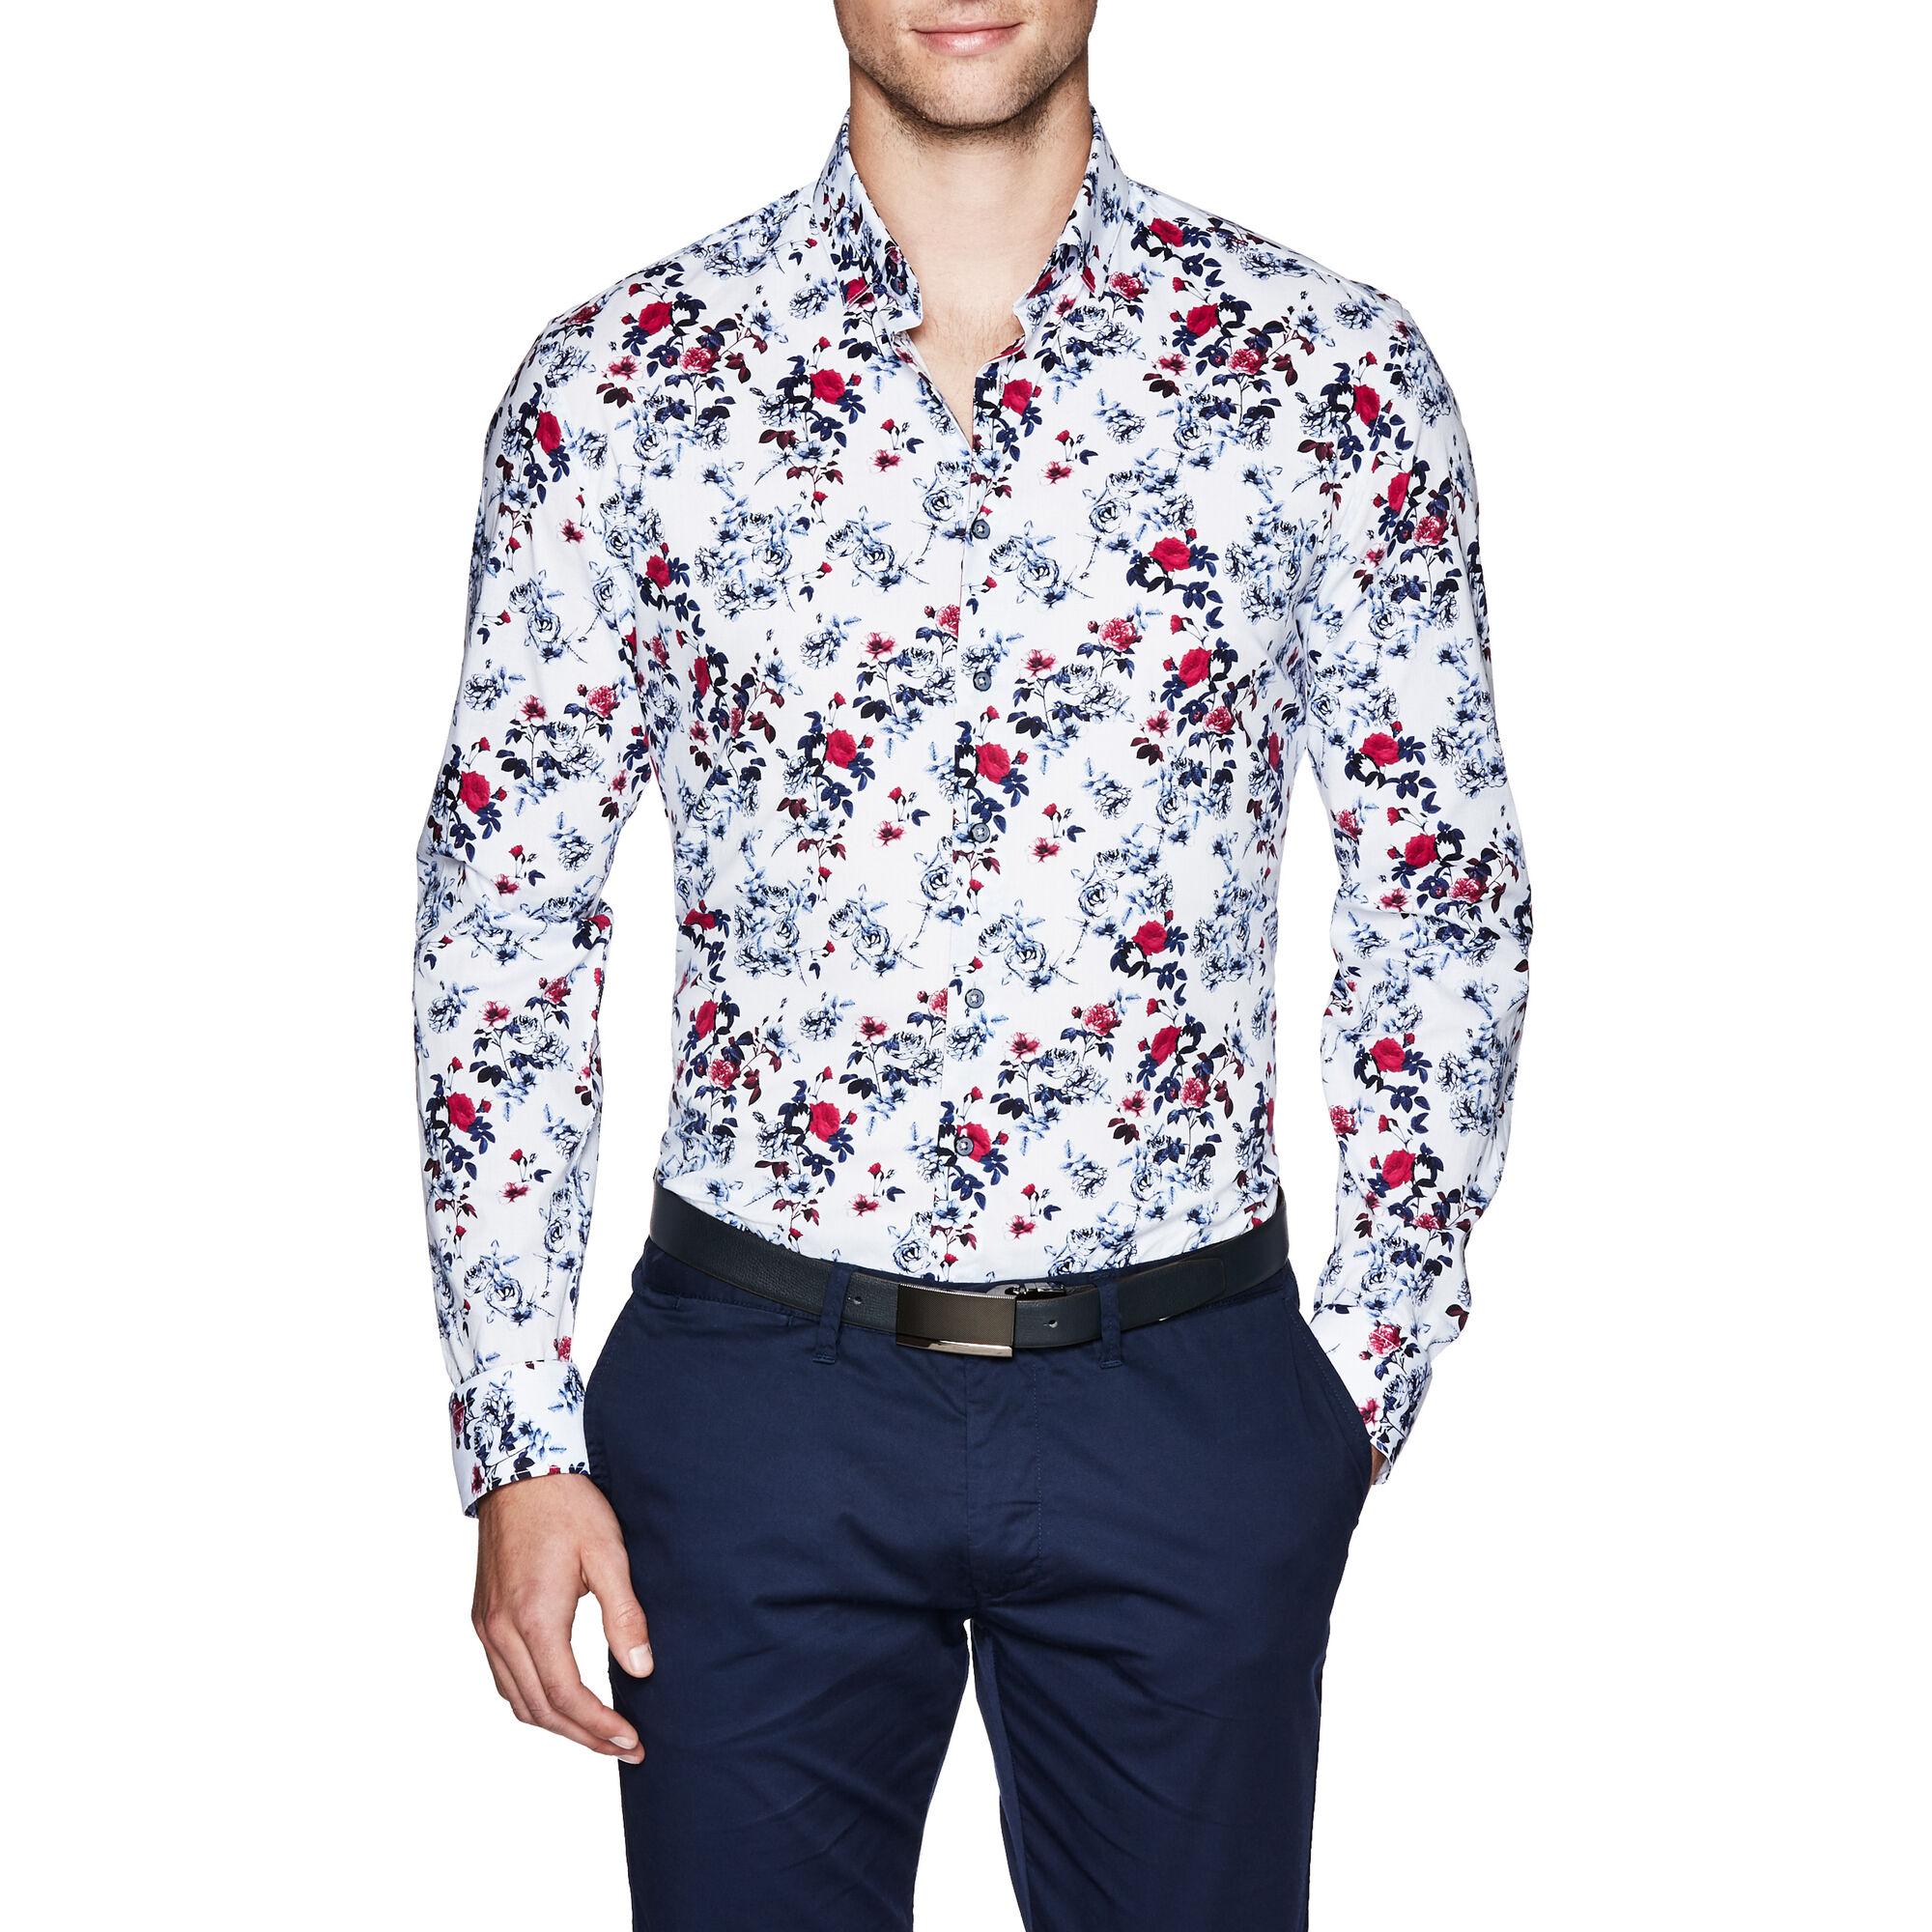 b31771362fe Payton - White/Pink - L/S Floral Print Shirt | Politix